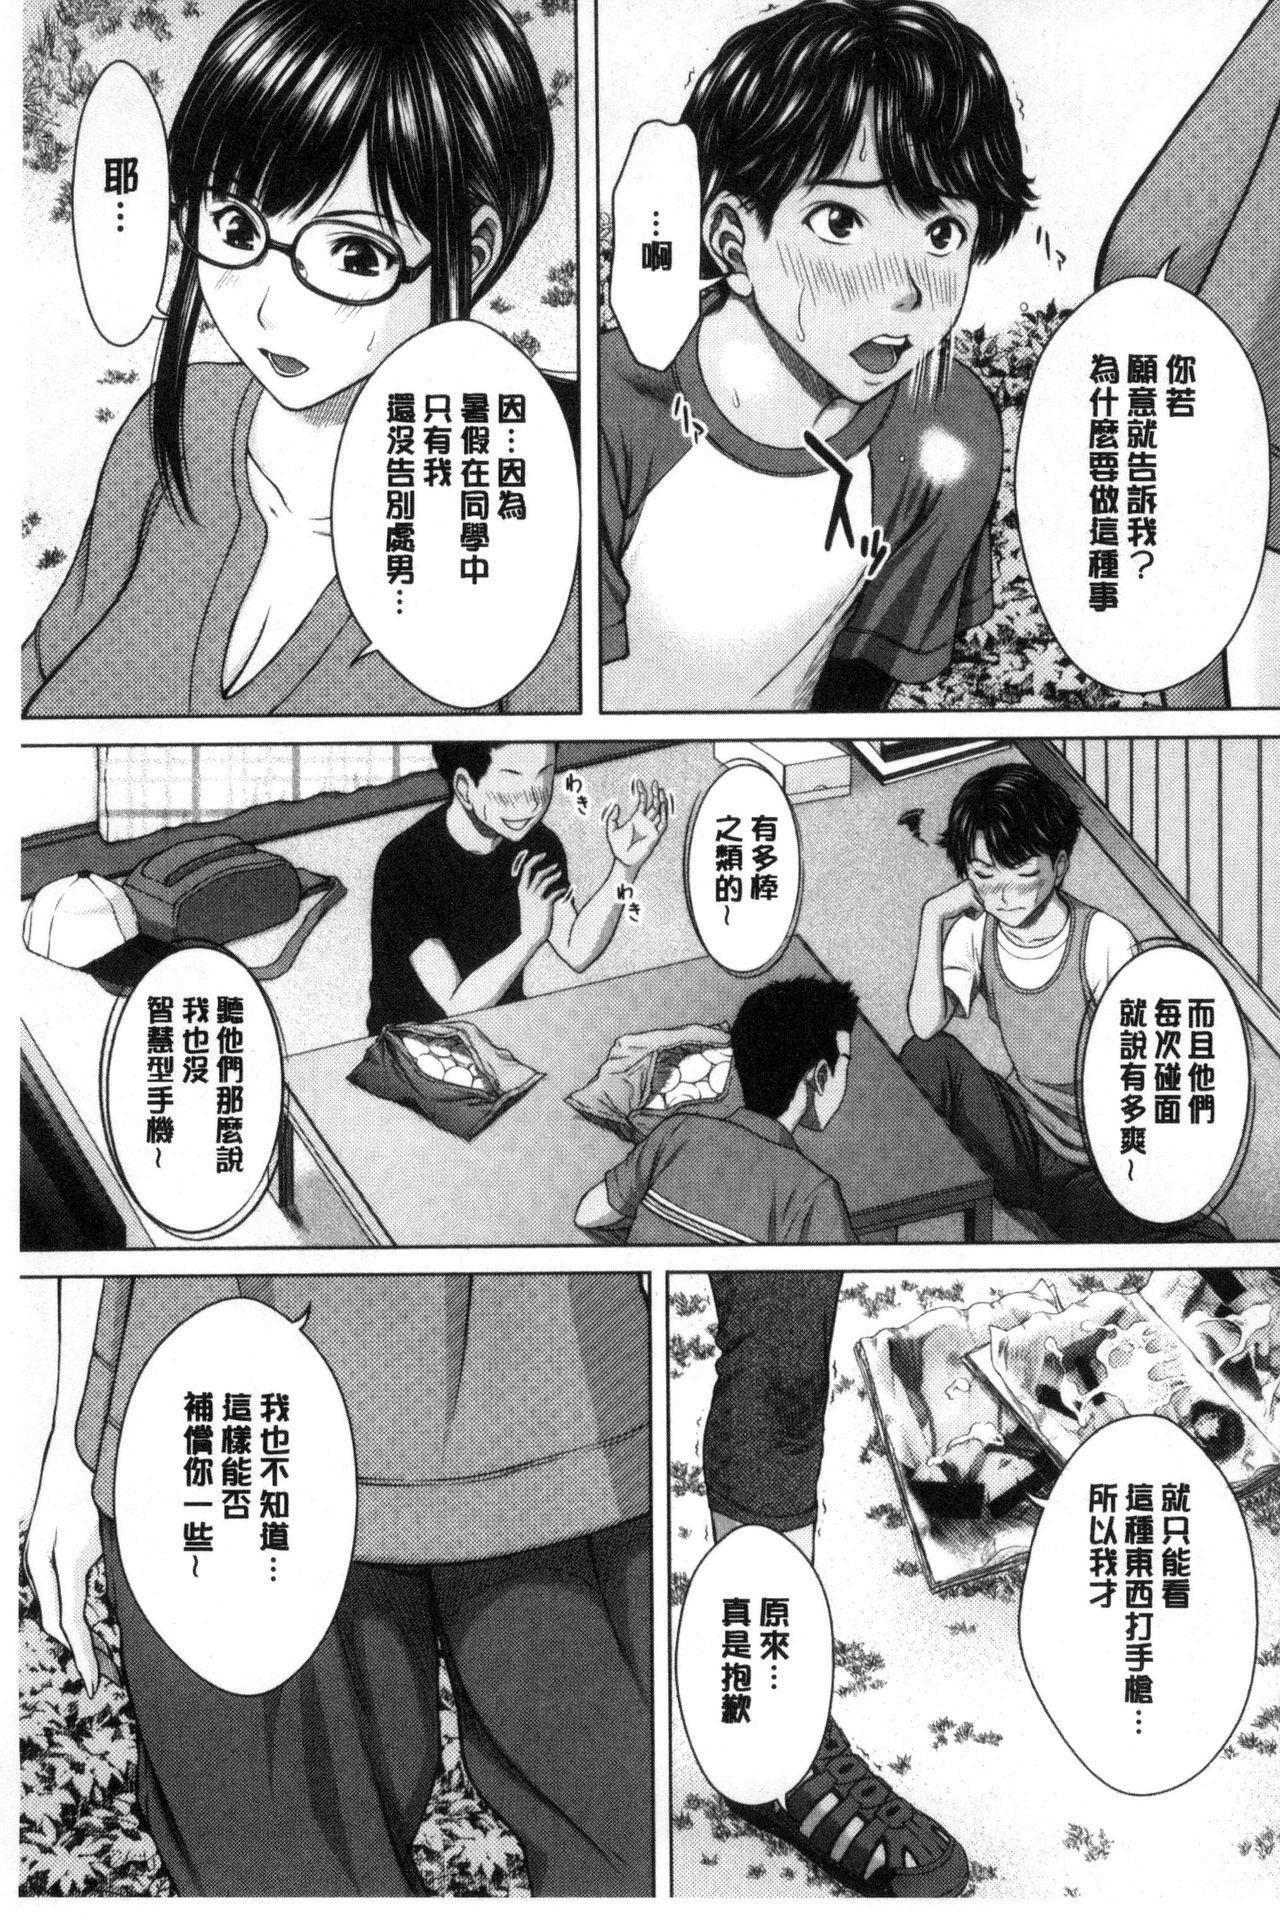 Mesukano Inbina Mesu Kanojotachi To No Hibi 57